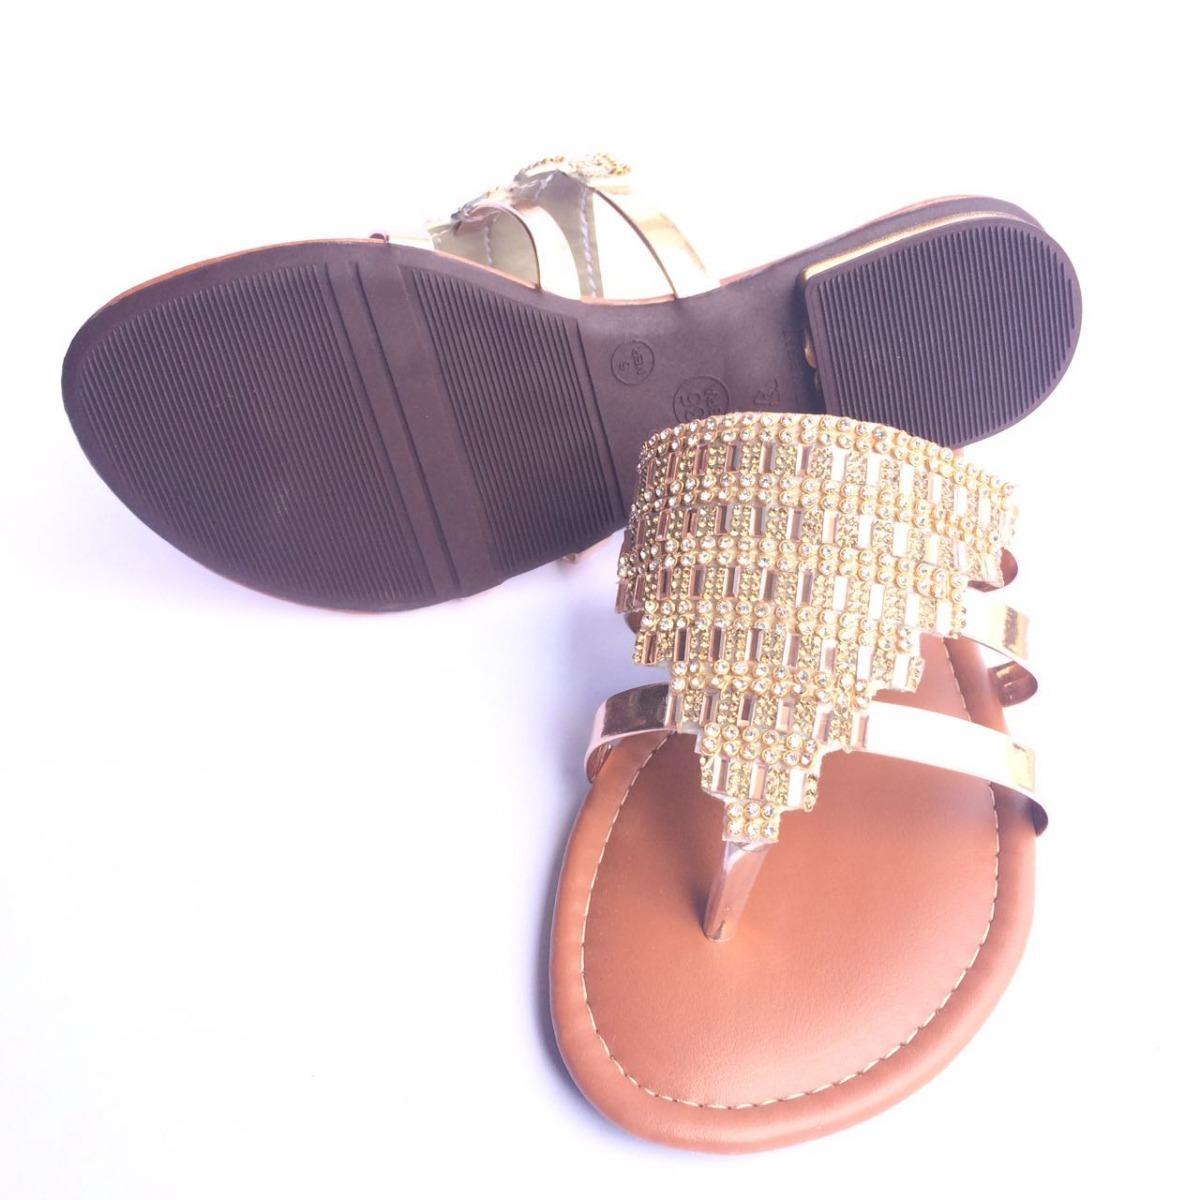 deb214eab5 kit 3 sandália feminina rasteira rasteirinha bella promoção. Carregando  zoom.